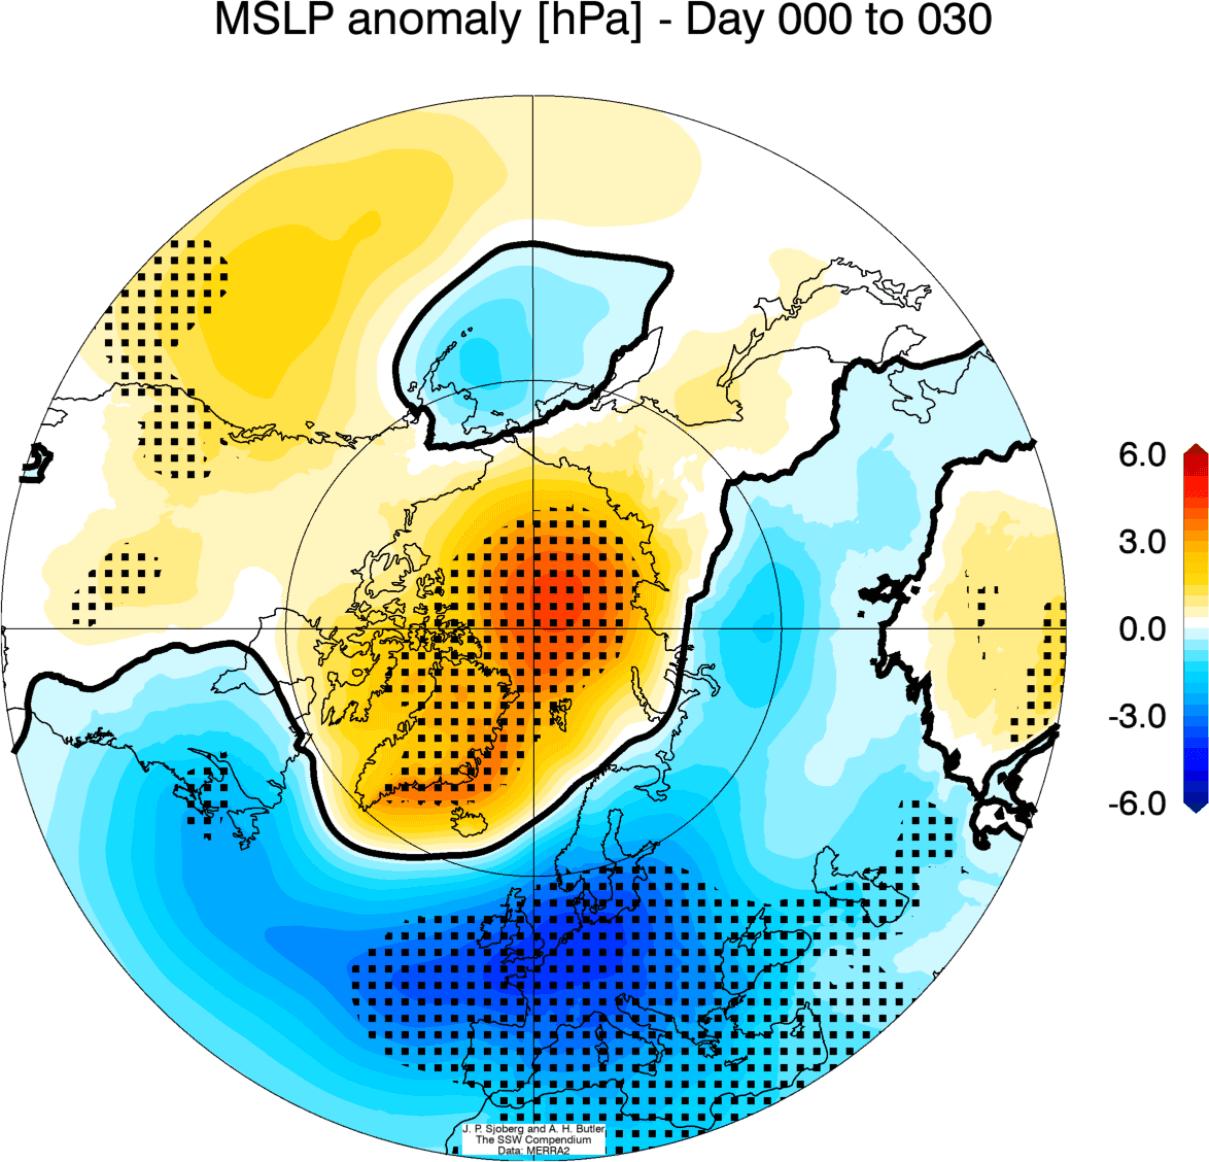 polar-vortex-major-winter-stratospheric-warming-pressure-effect